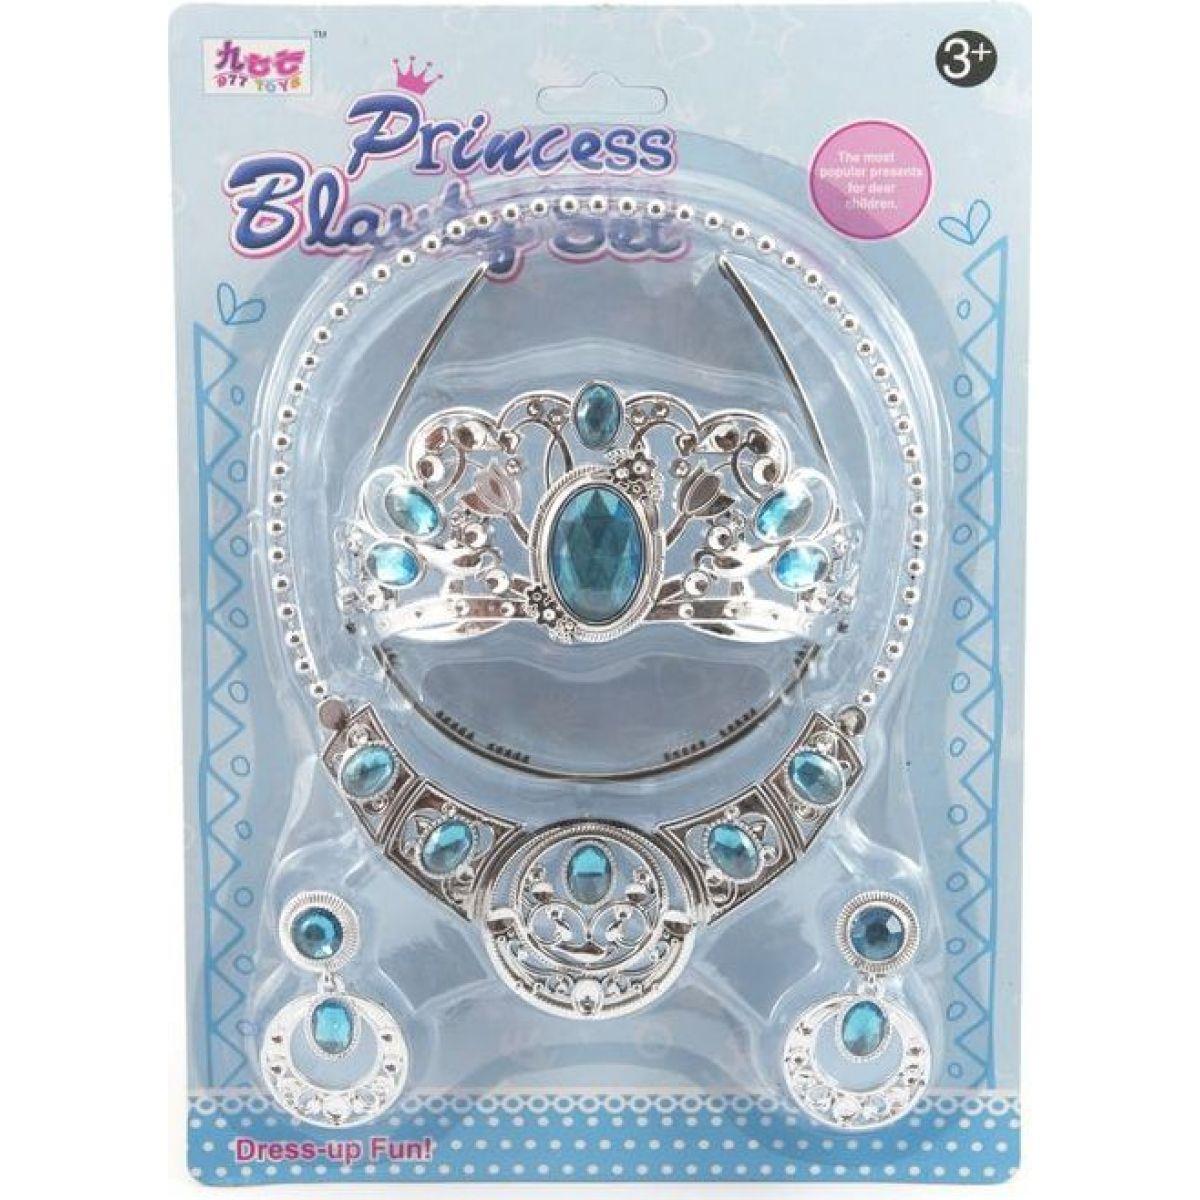 Sada krásy s plastovou korunkou a náhrdelníkem s naušnicemi